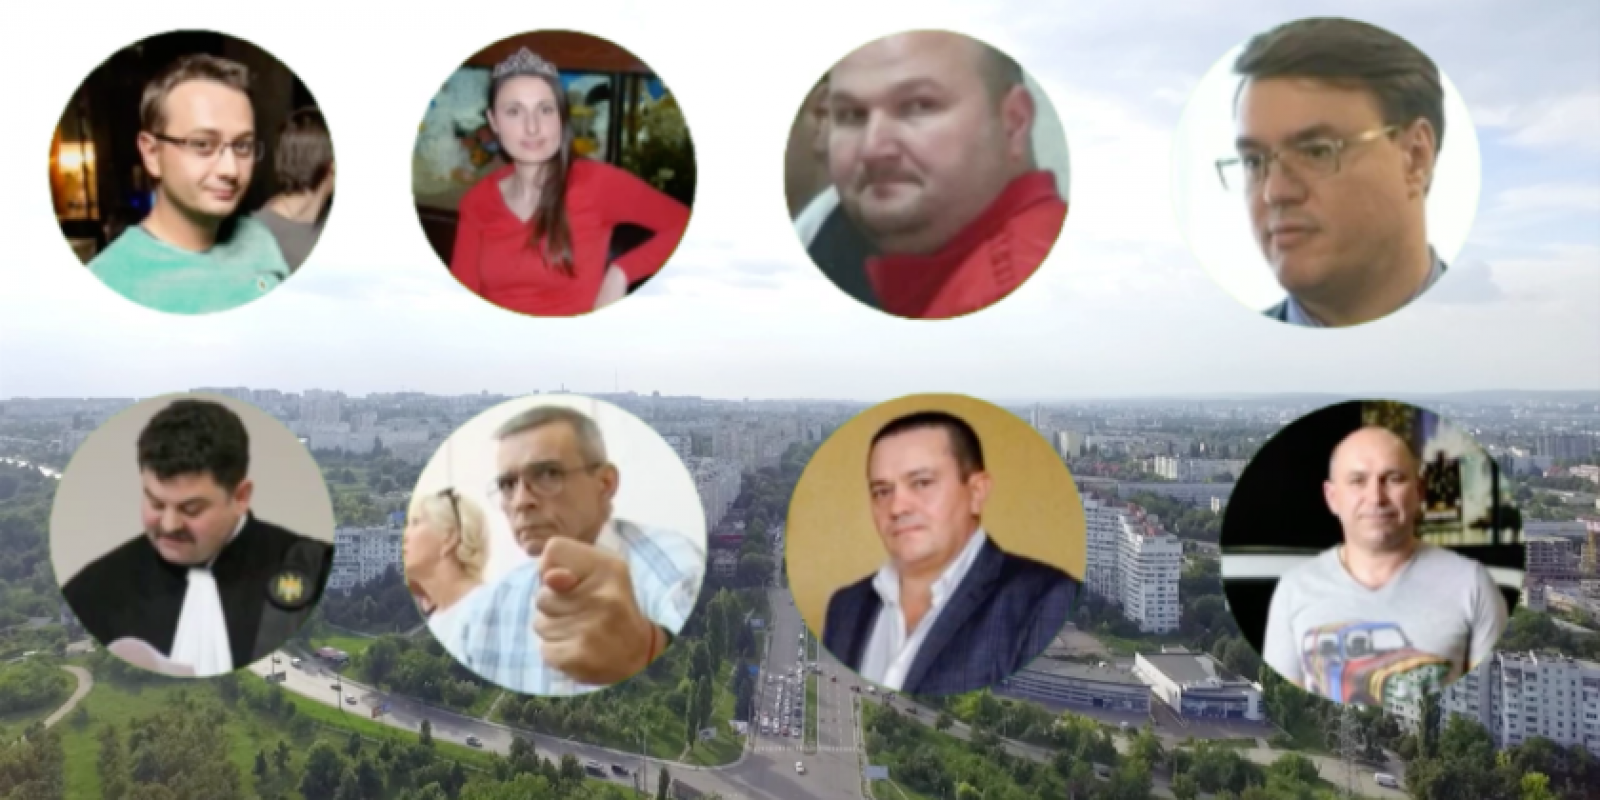 (video) Ziarul de Gardă. Chișinău, deposedat în cinci ani de 30 de loturi de teren: În schemă ar fi implicați judecători, avocați și oameni de afaceri